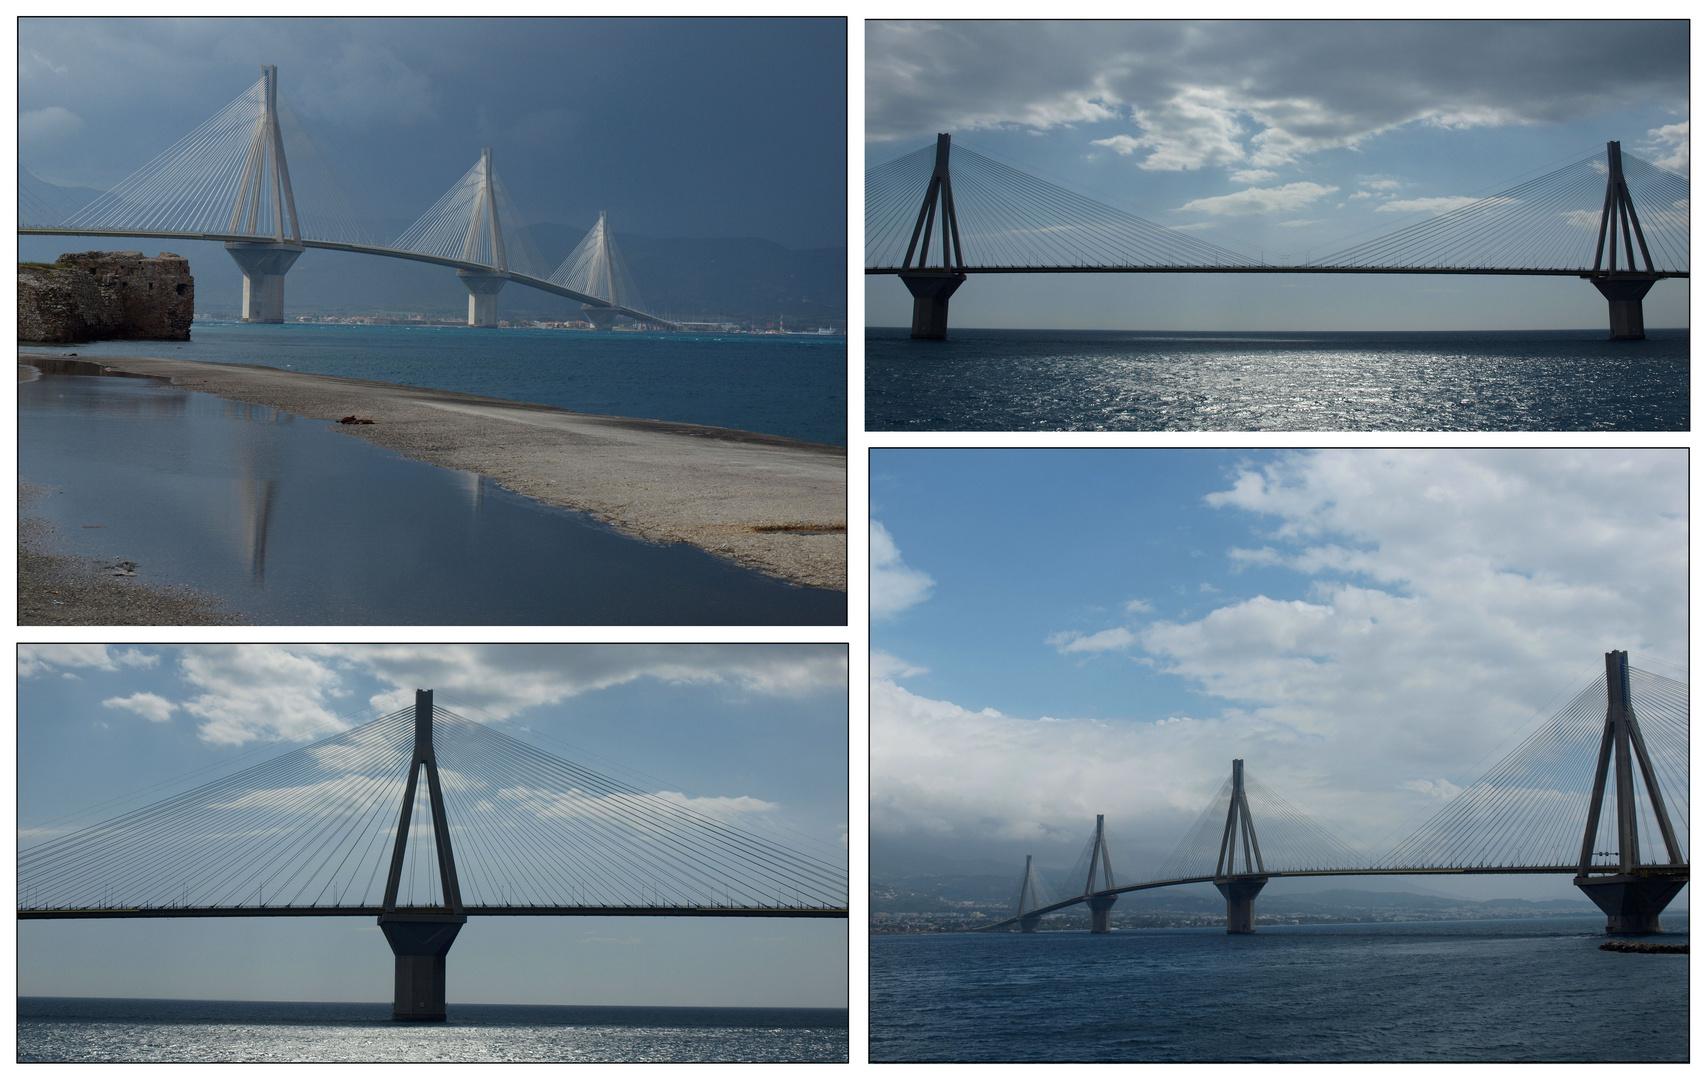 Rion-Antirion-Brücke